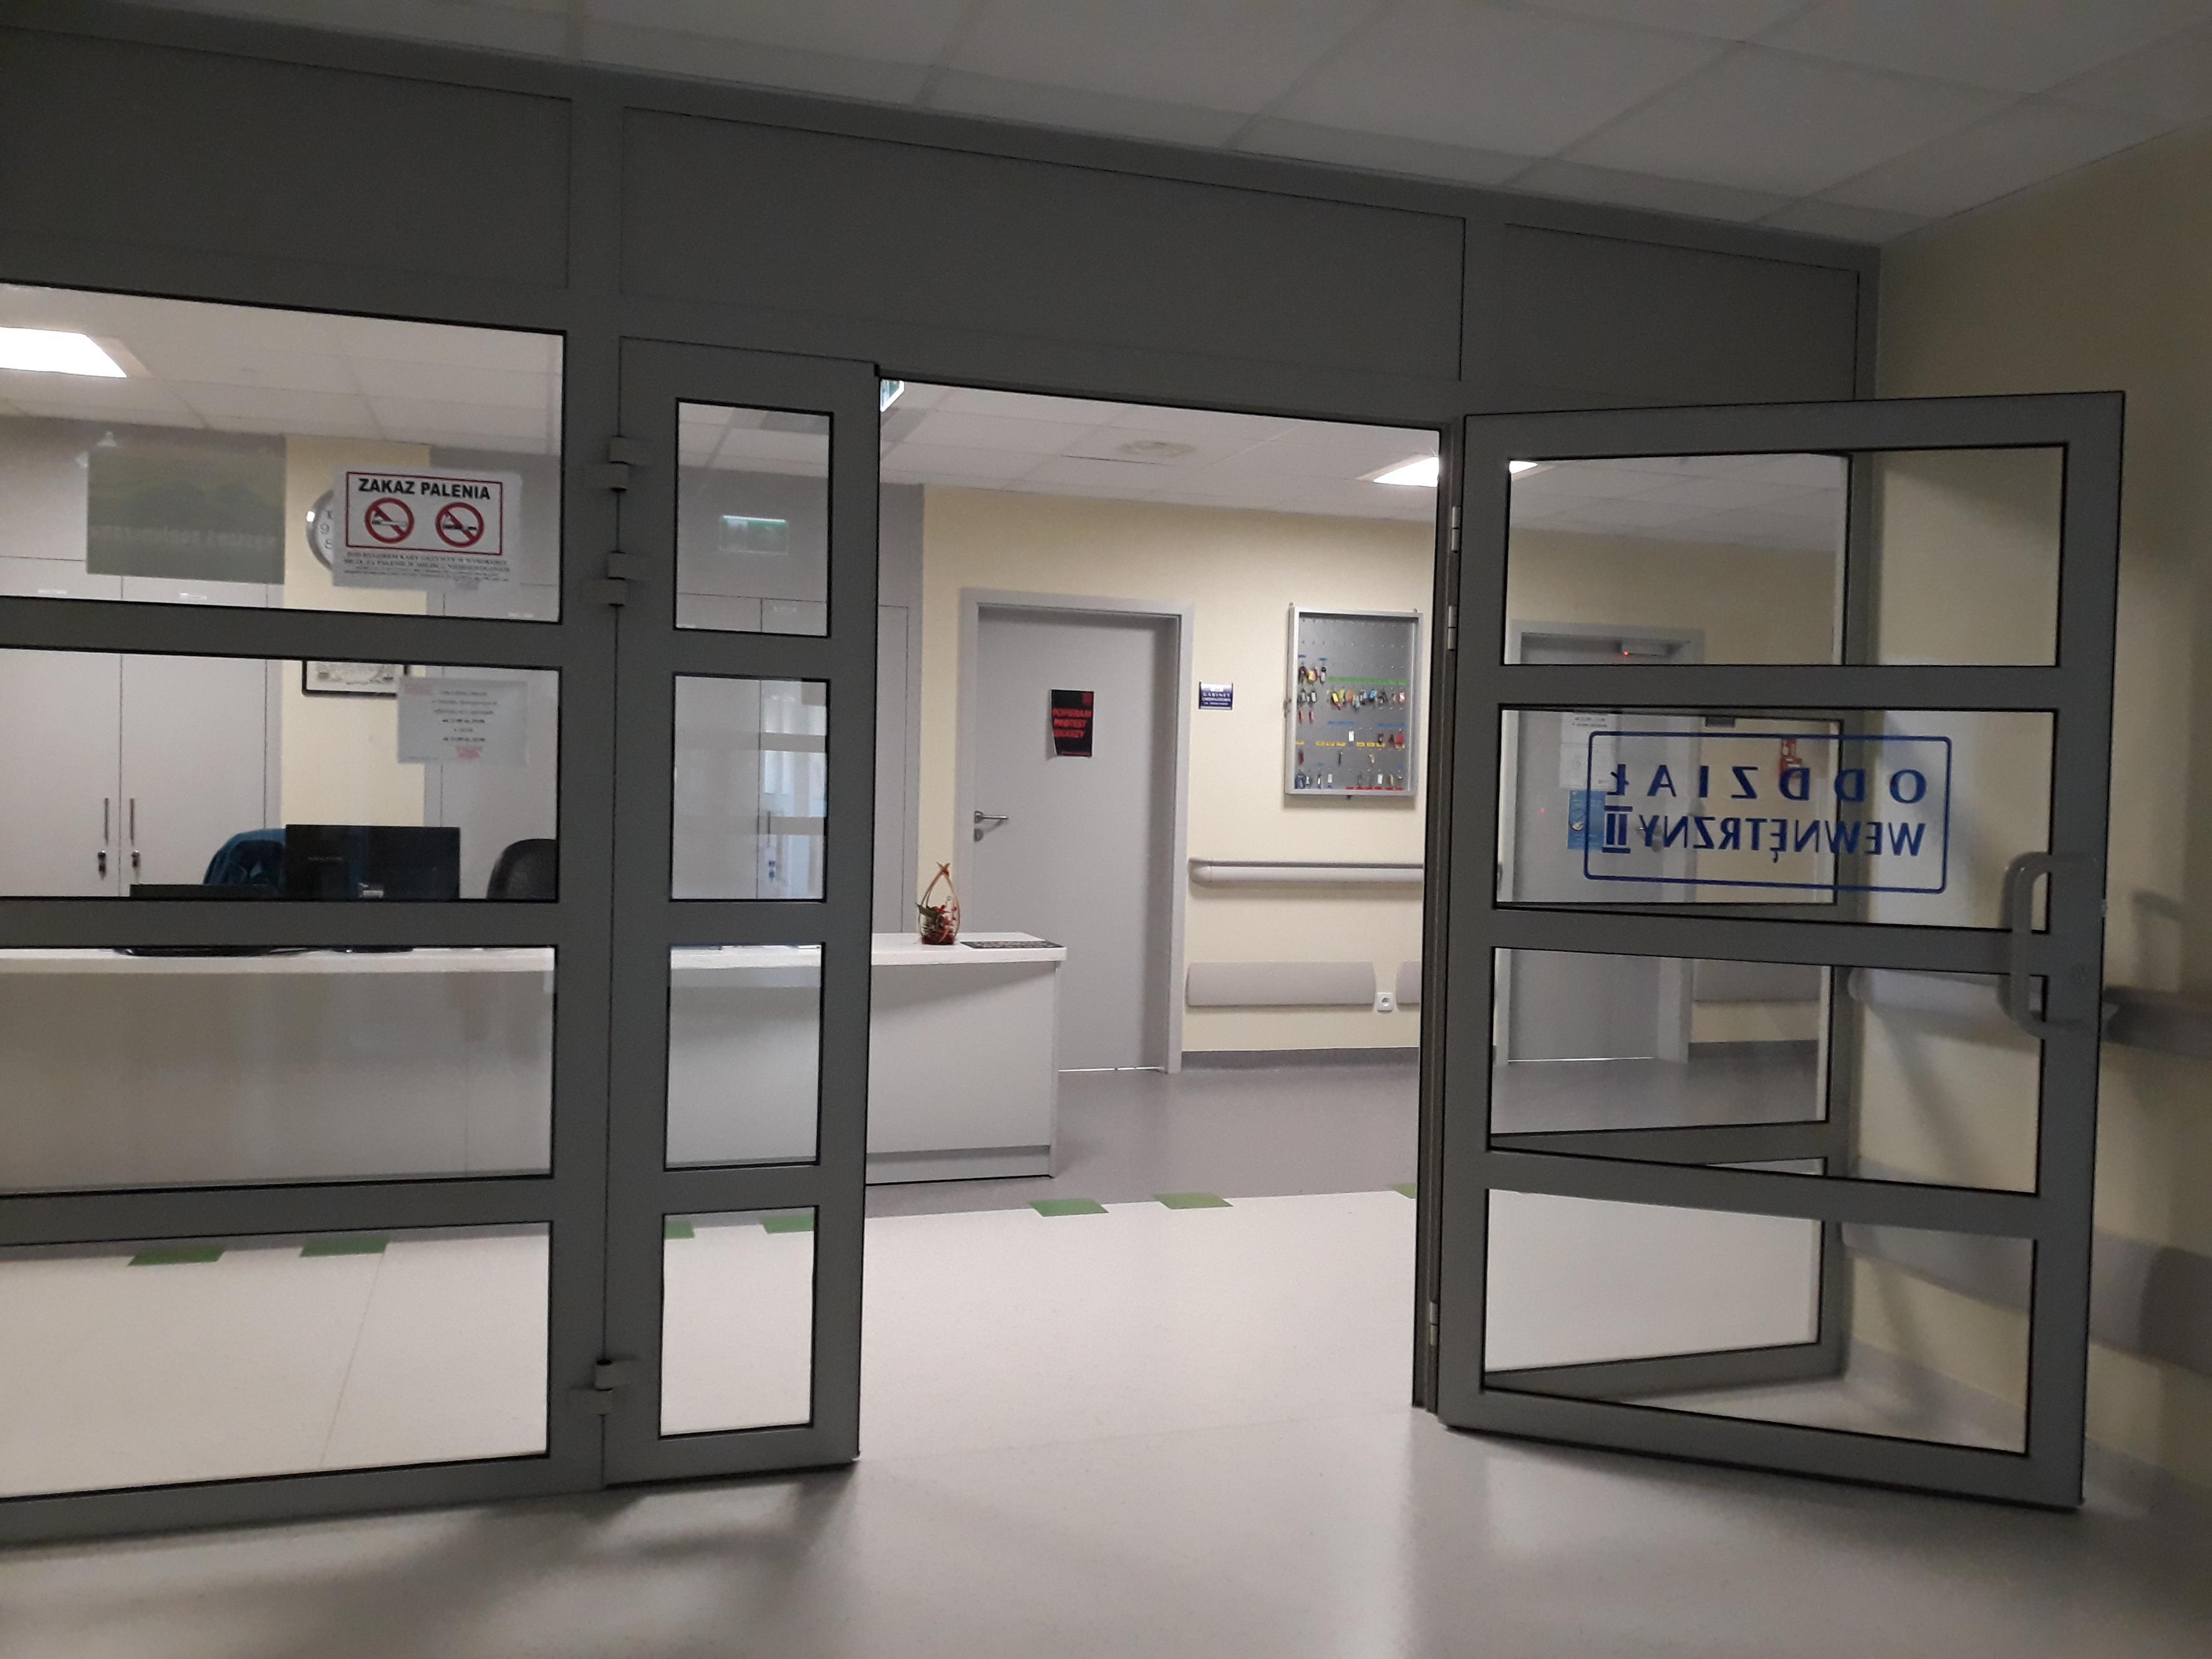 Lekarze wypowiedzieli klauzulę ale szpital w Wadowicach działa normalnie